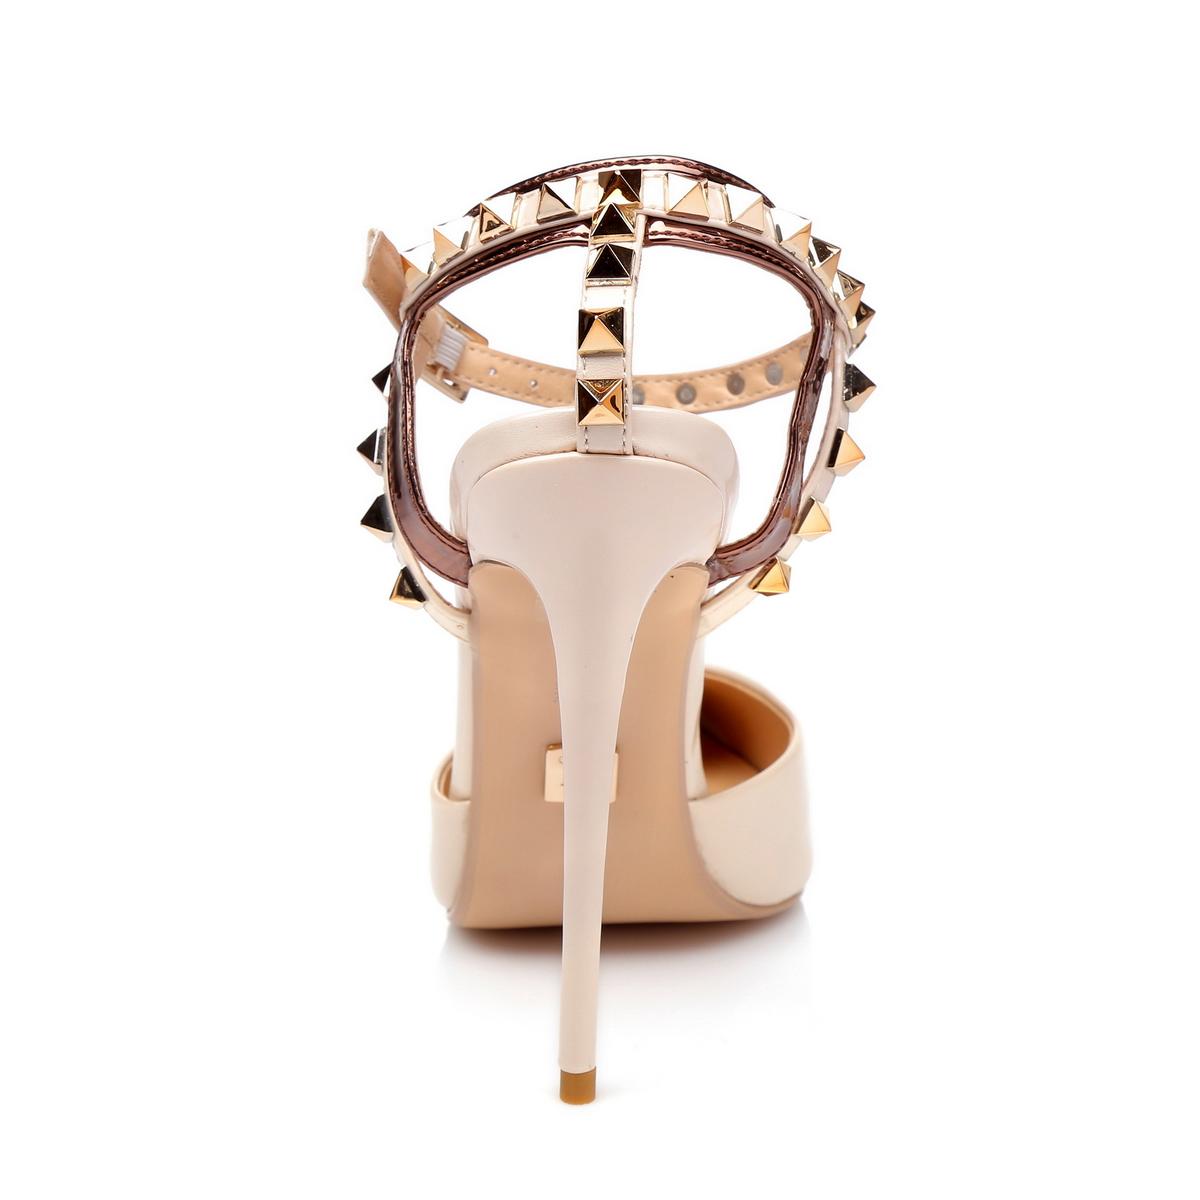 GIARO - Damen High Heel - Beige Schuhe in Übergrößen – Bild 3